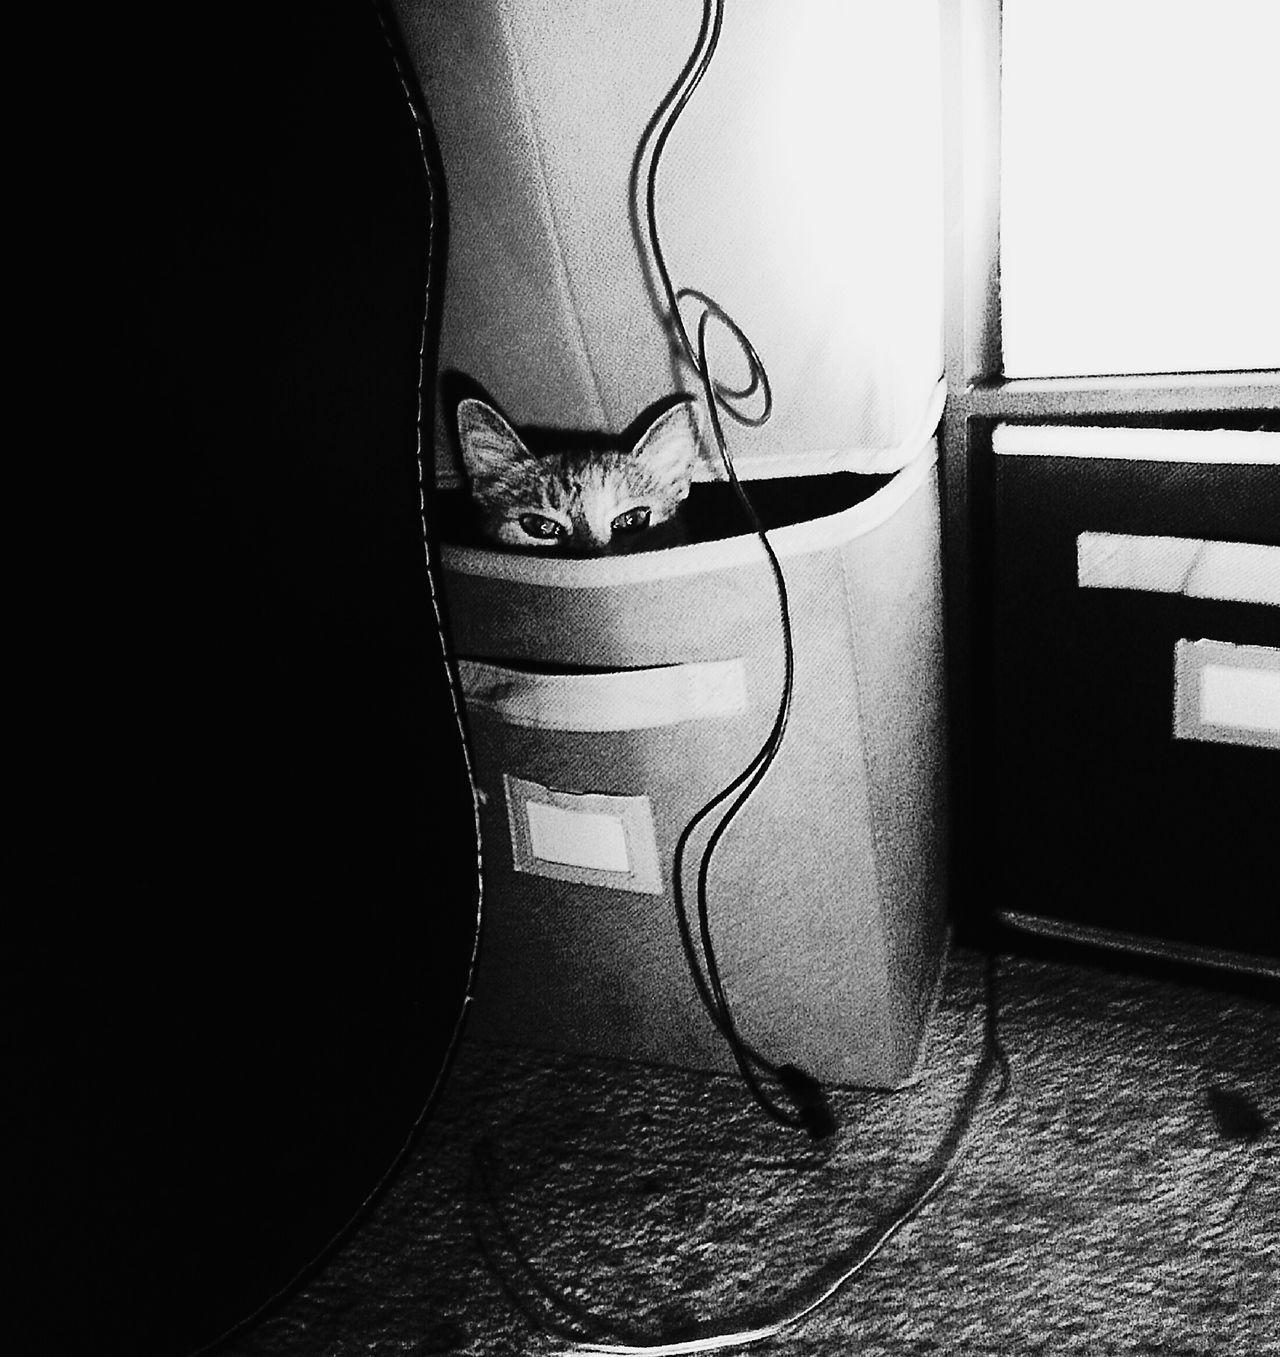 Kittygato Shygirl Yamahaguitar Whateverworks Freelance Life Gangsters Paradise Enjoying Life Picoftheday